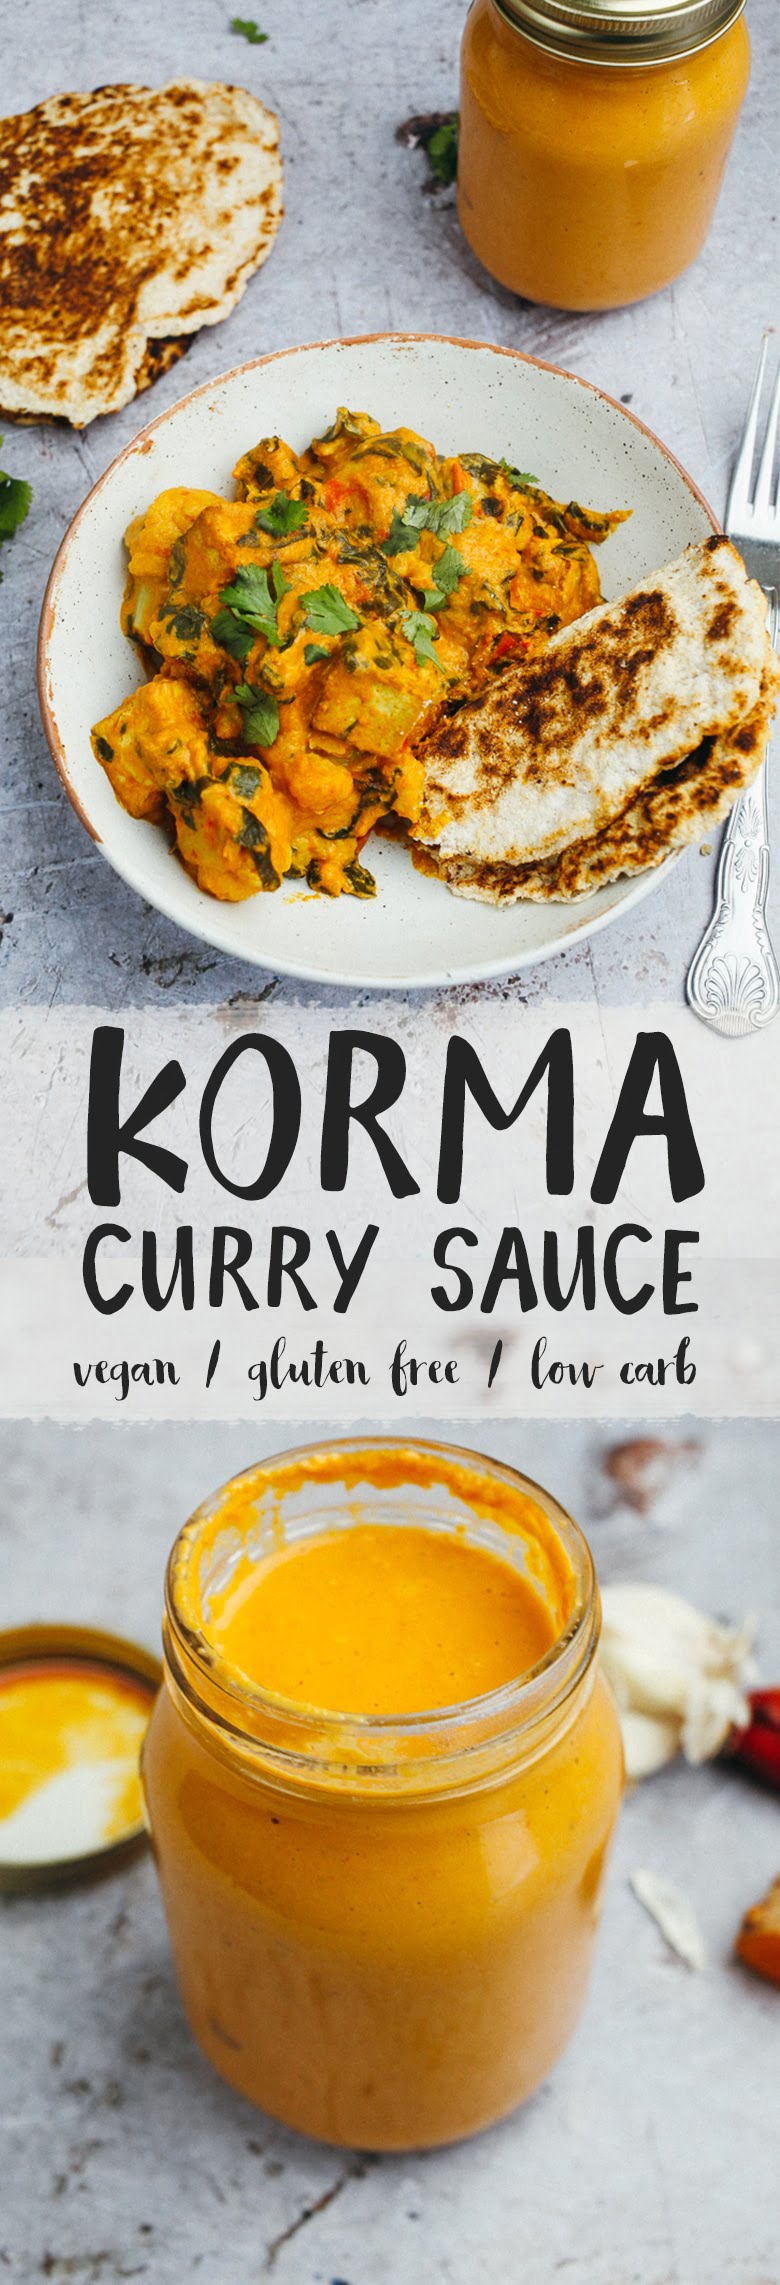 Korma Curry Sauce #Vegan #Keto